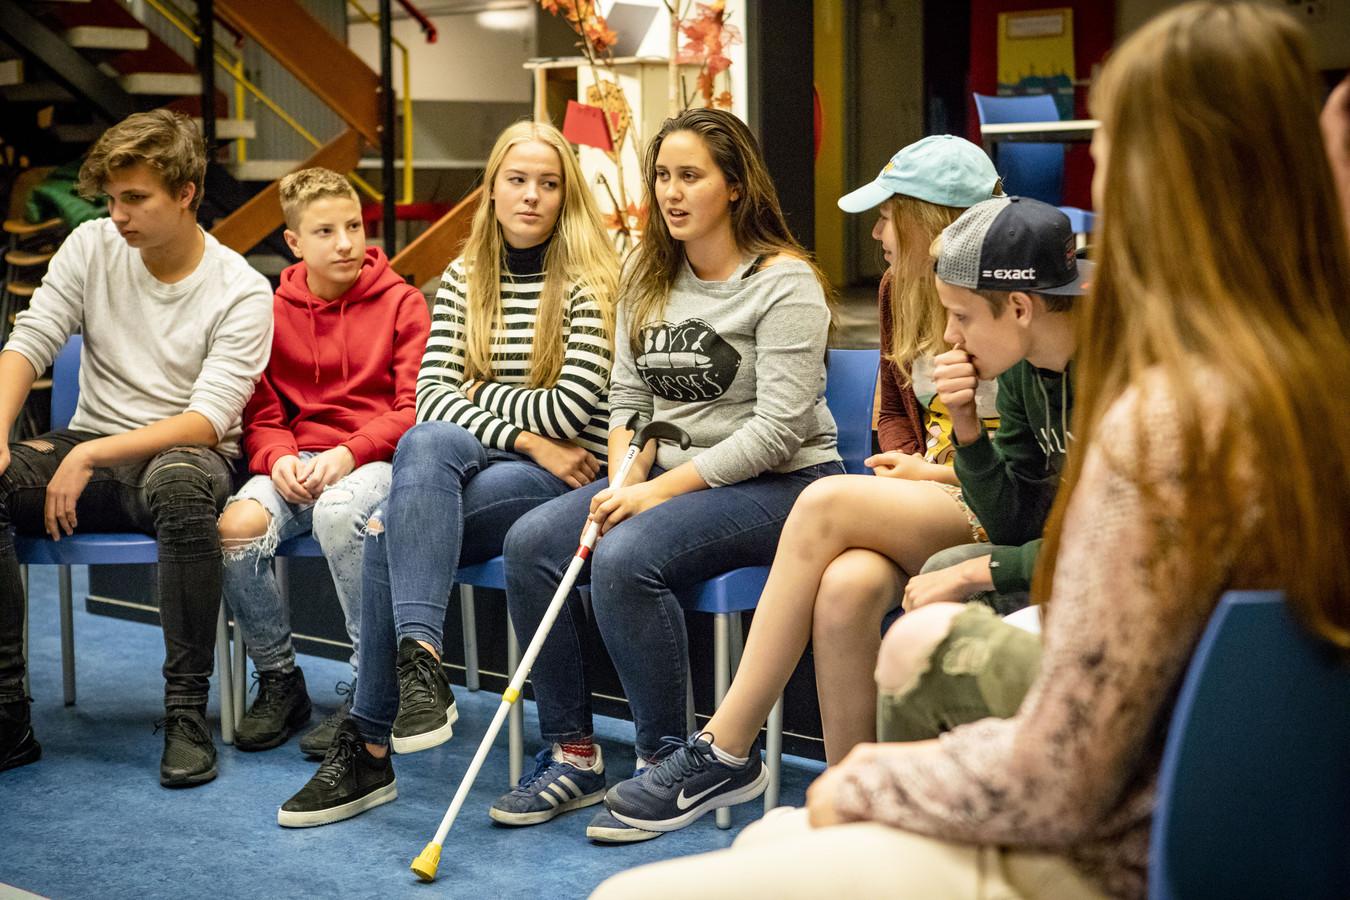 LOSSER - Theatergroep 'sTOF beleeft volgende week de première van hun voorstelling Blind Vertrouwen. Een theaterstuk compleet bedacht door de jongeren van het jongerenpastoraat in parochie Maria Vlucht.